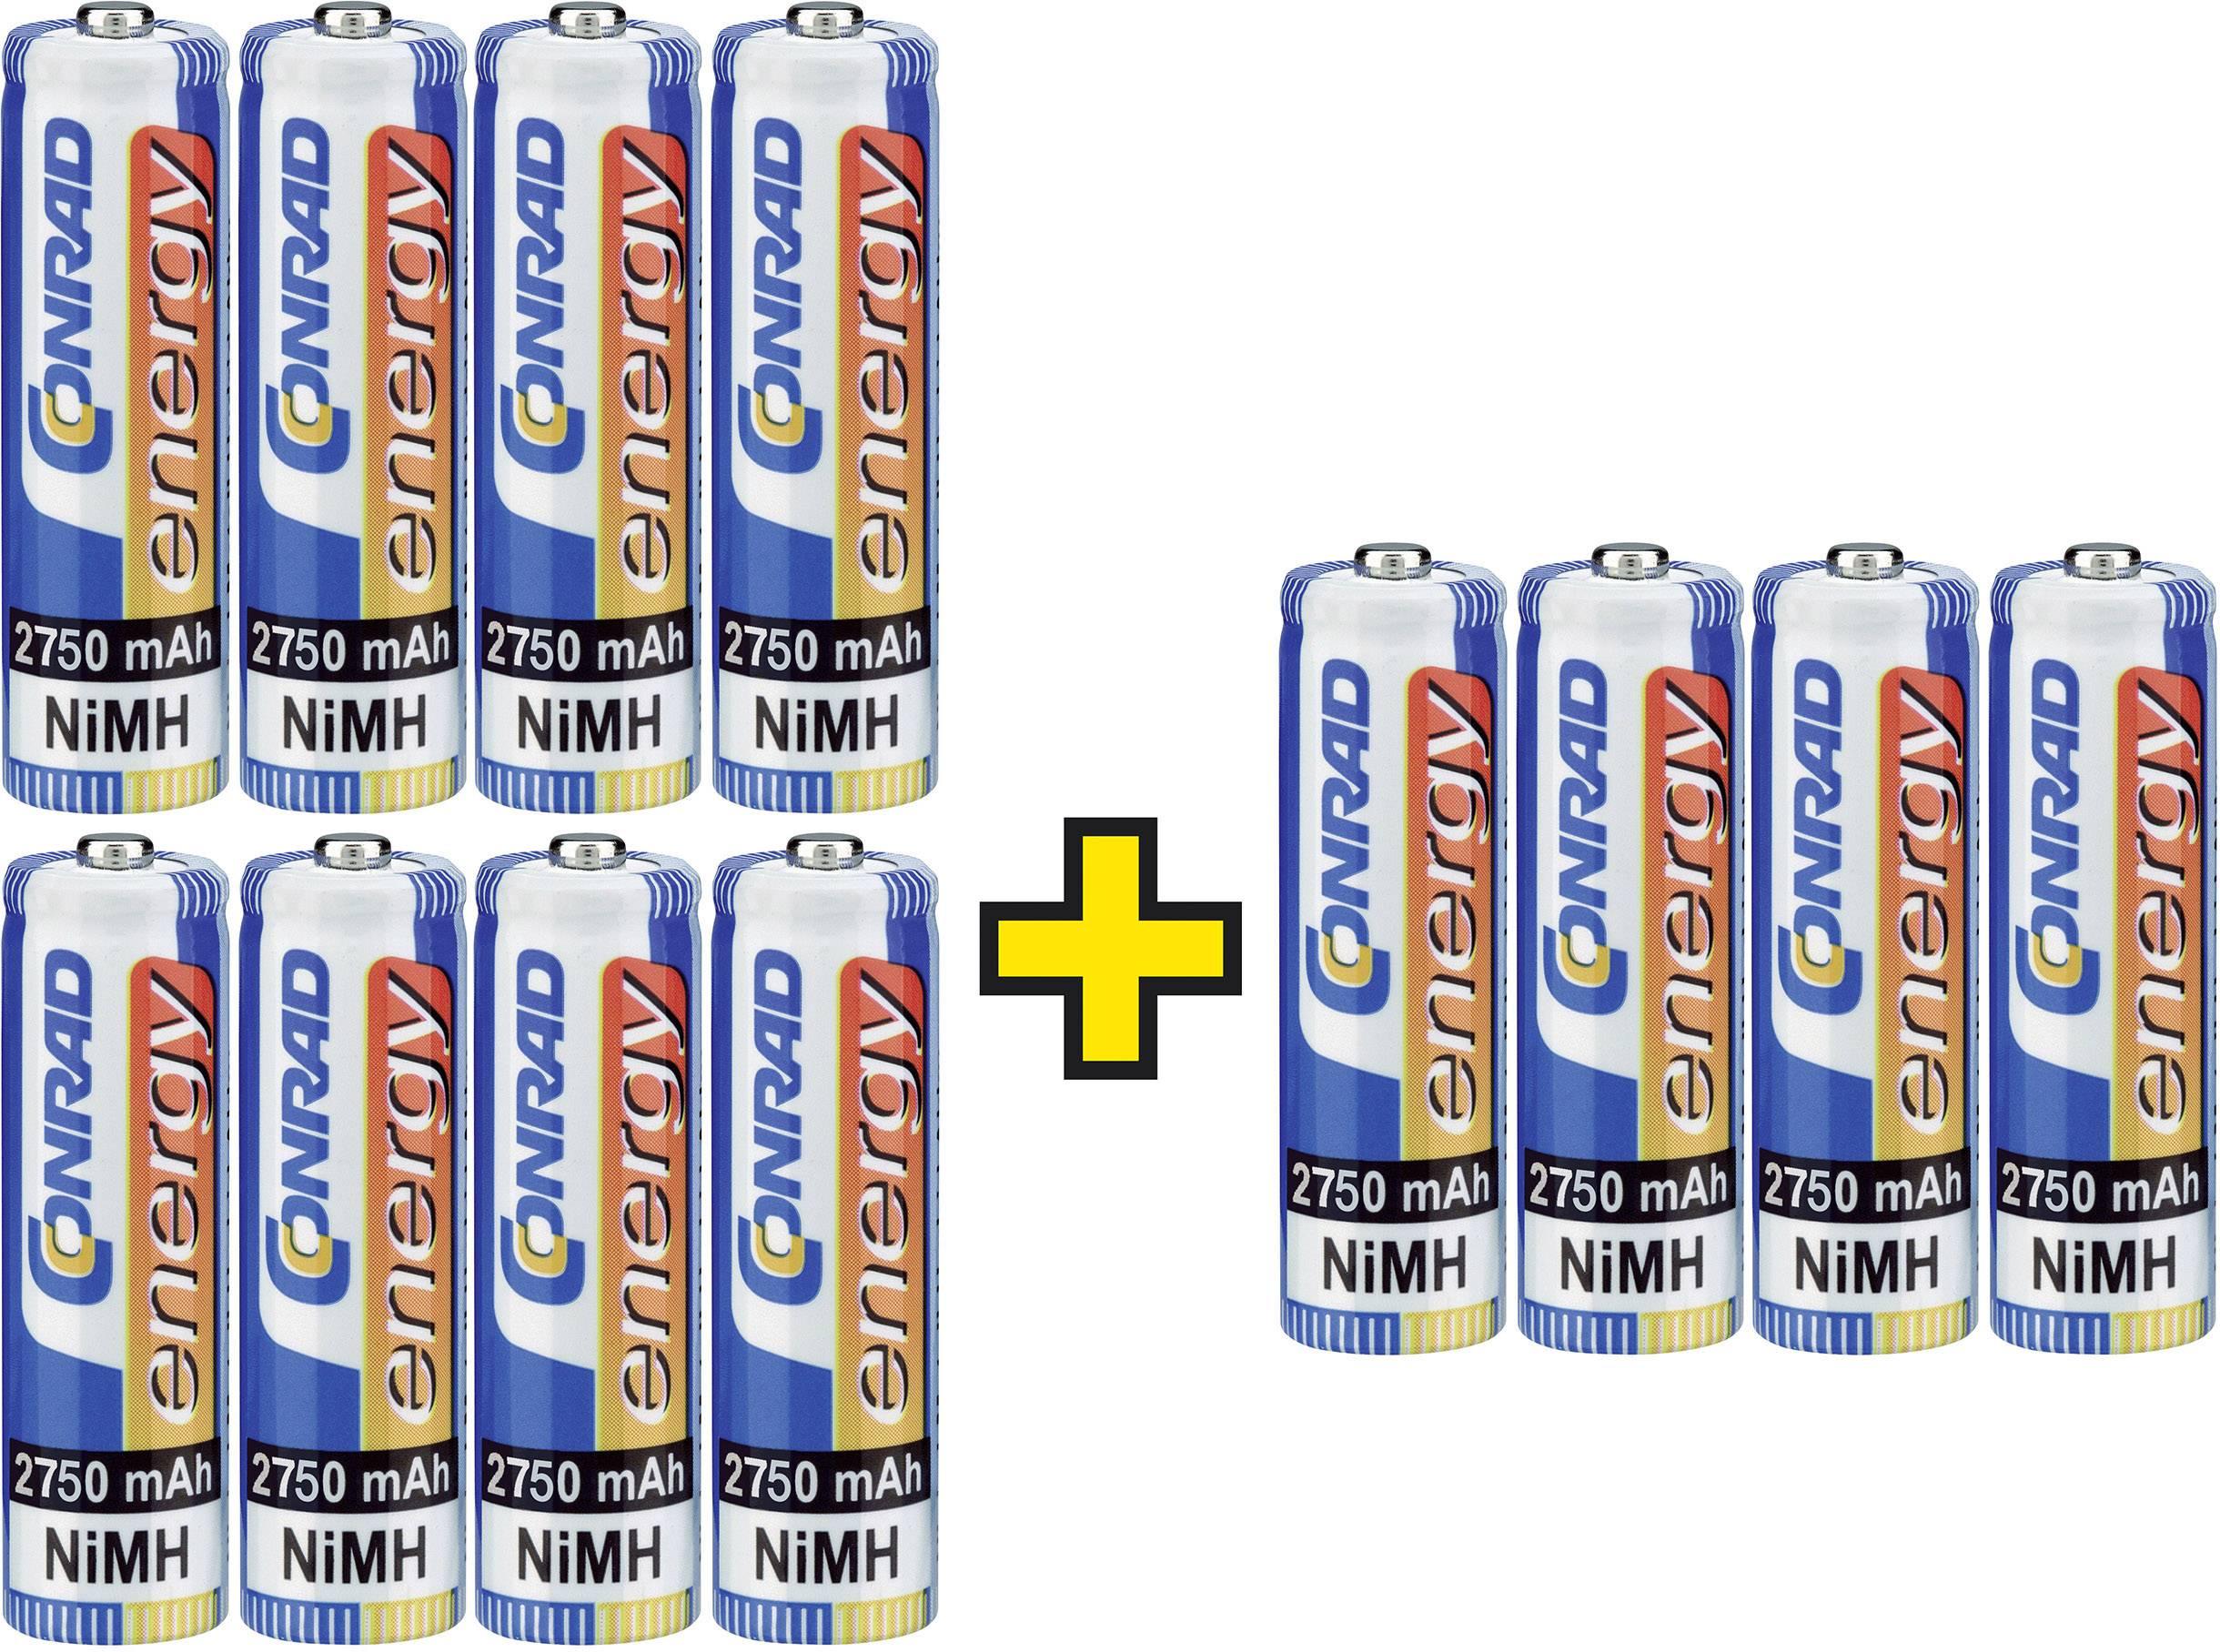 Tužkový akumulátor typu AA NiMH Conrad energy HR06 2 balenia + 1 zdarma 2750 mAh, 1.2 V, 12 ks